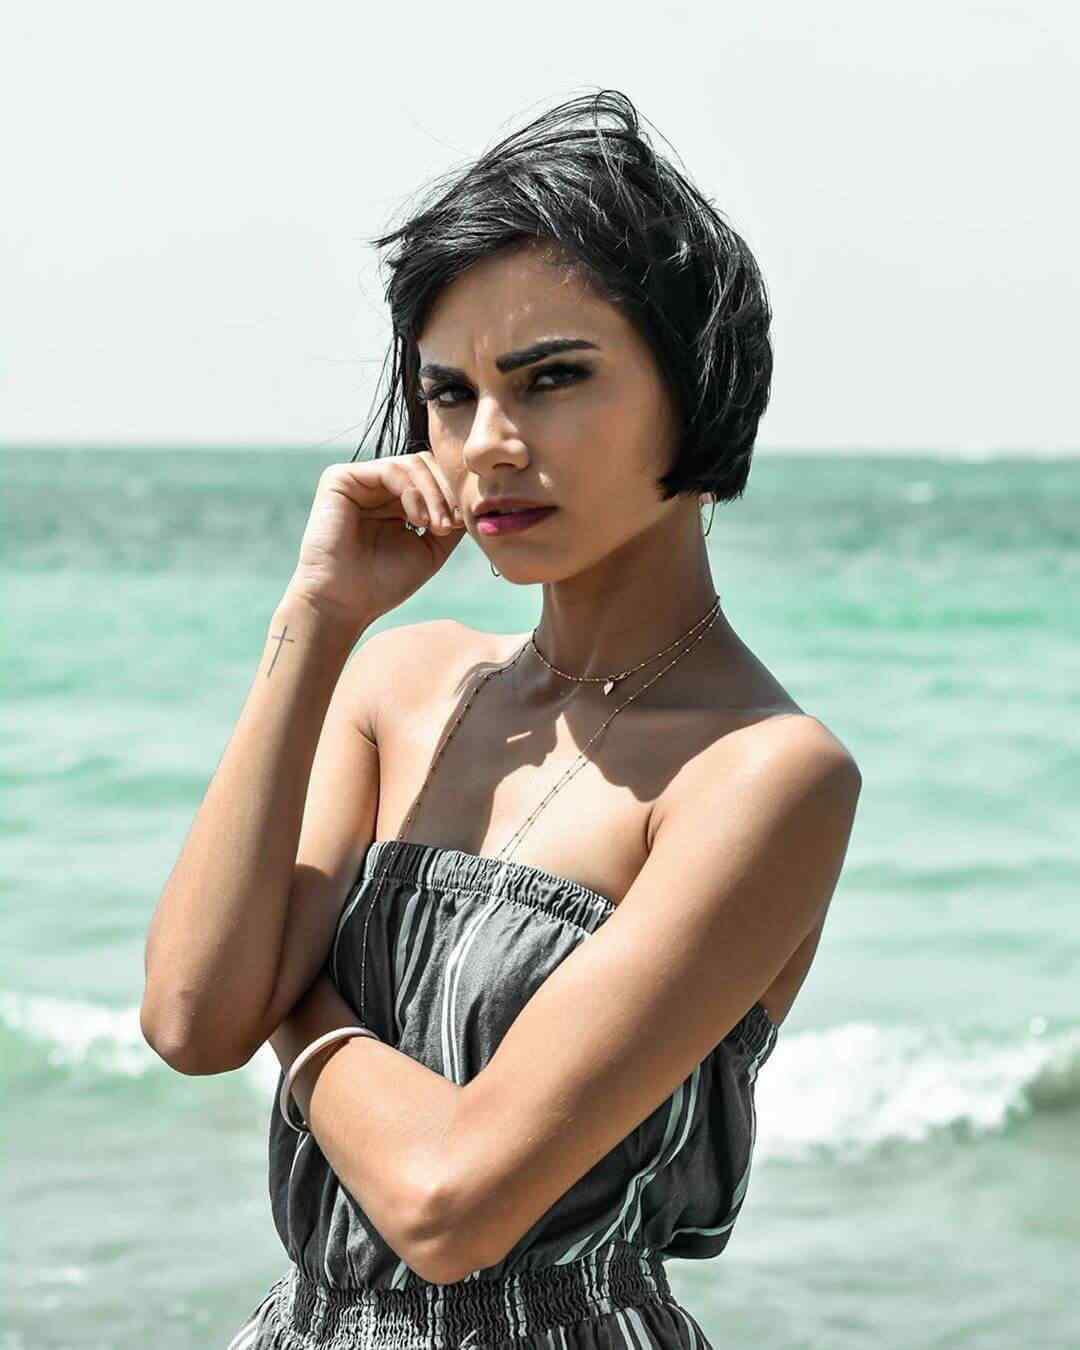 Más de 100 Ideas de peinados y cortes de pelo corto para mujeres 2019 20